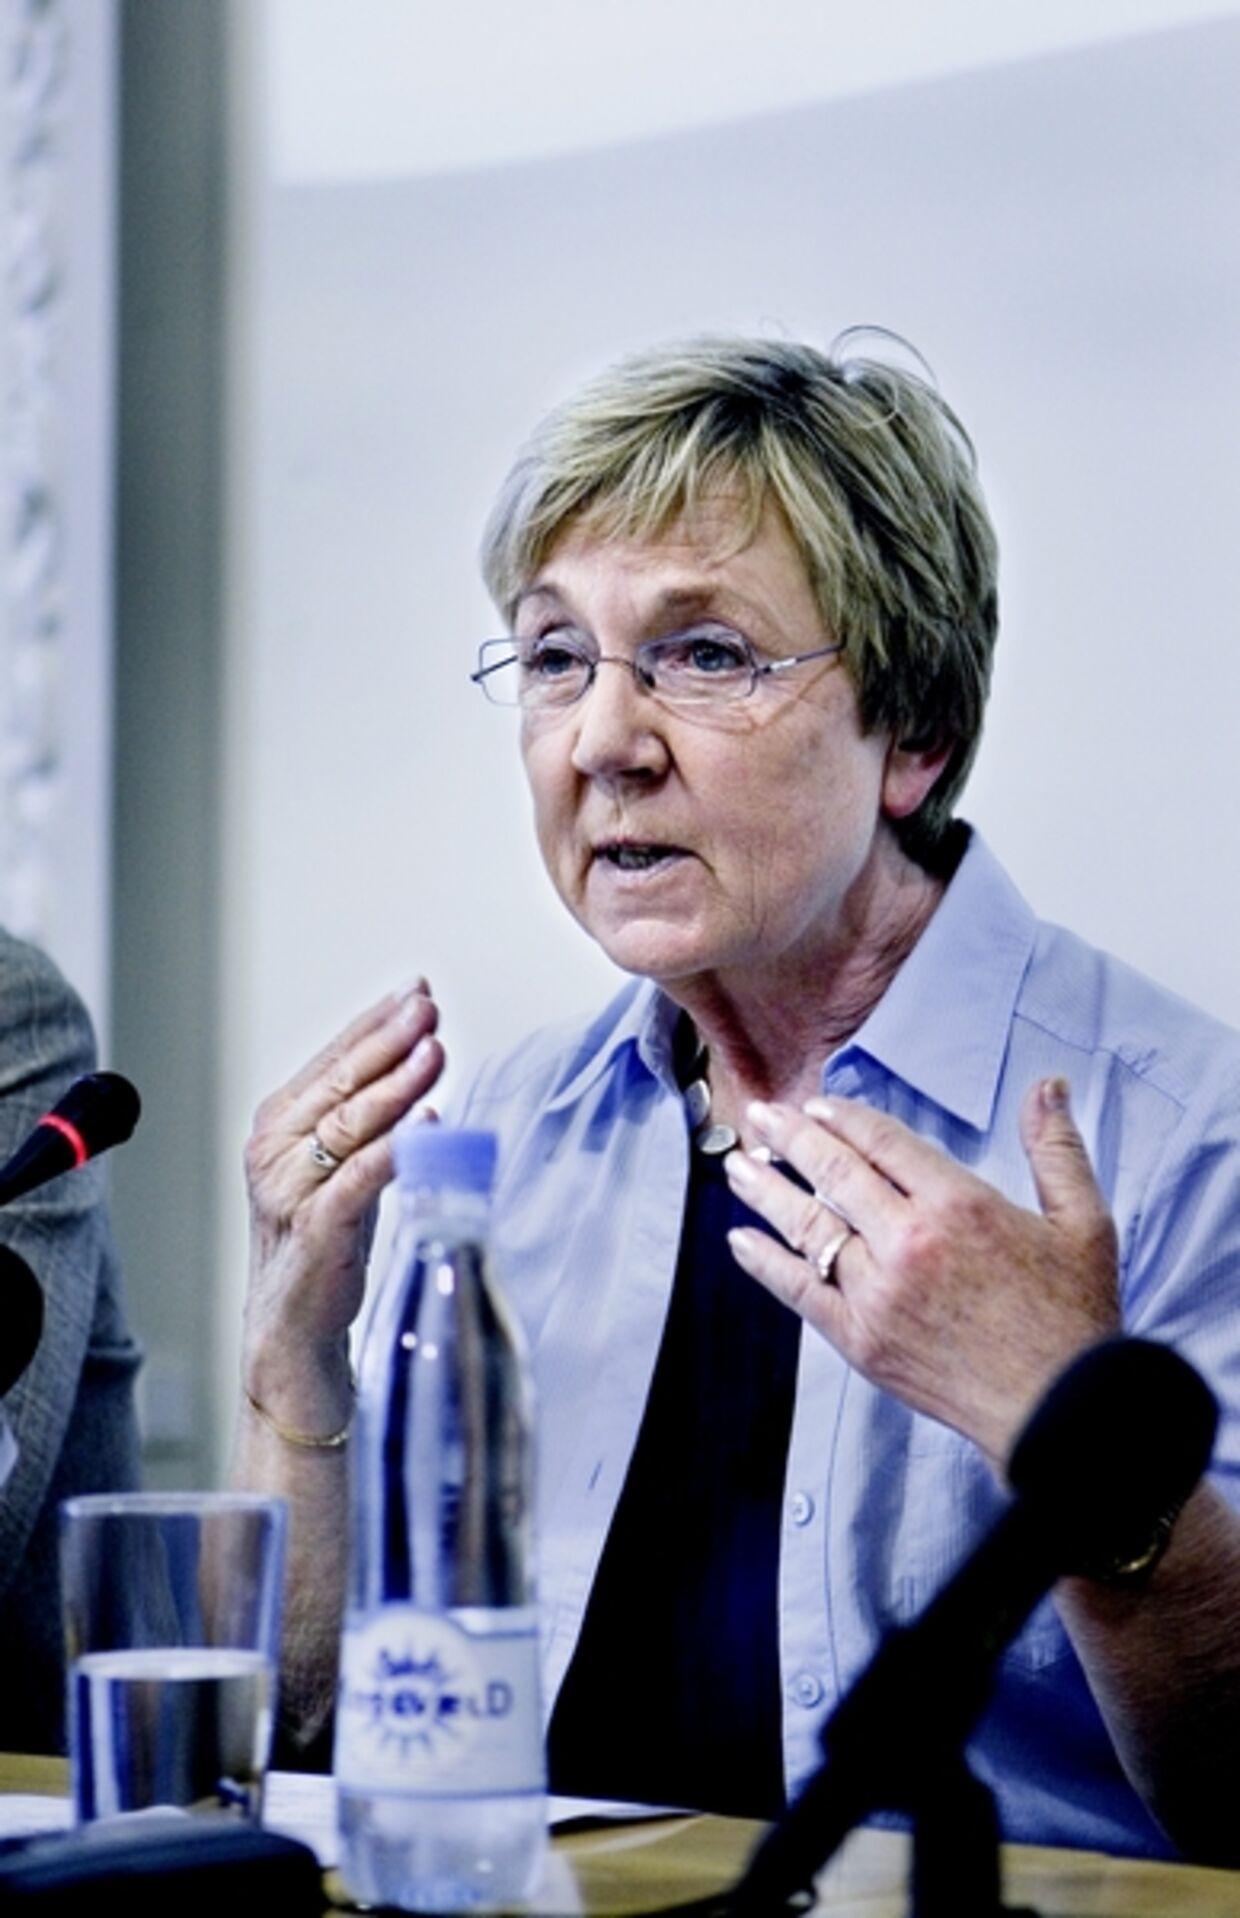 Henrik Larsen vil have Jelved til at gå af som leder af De Radikale.